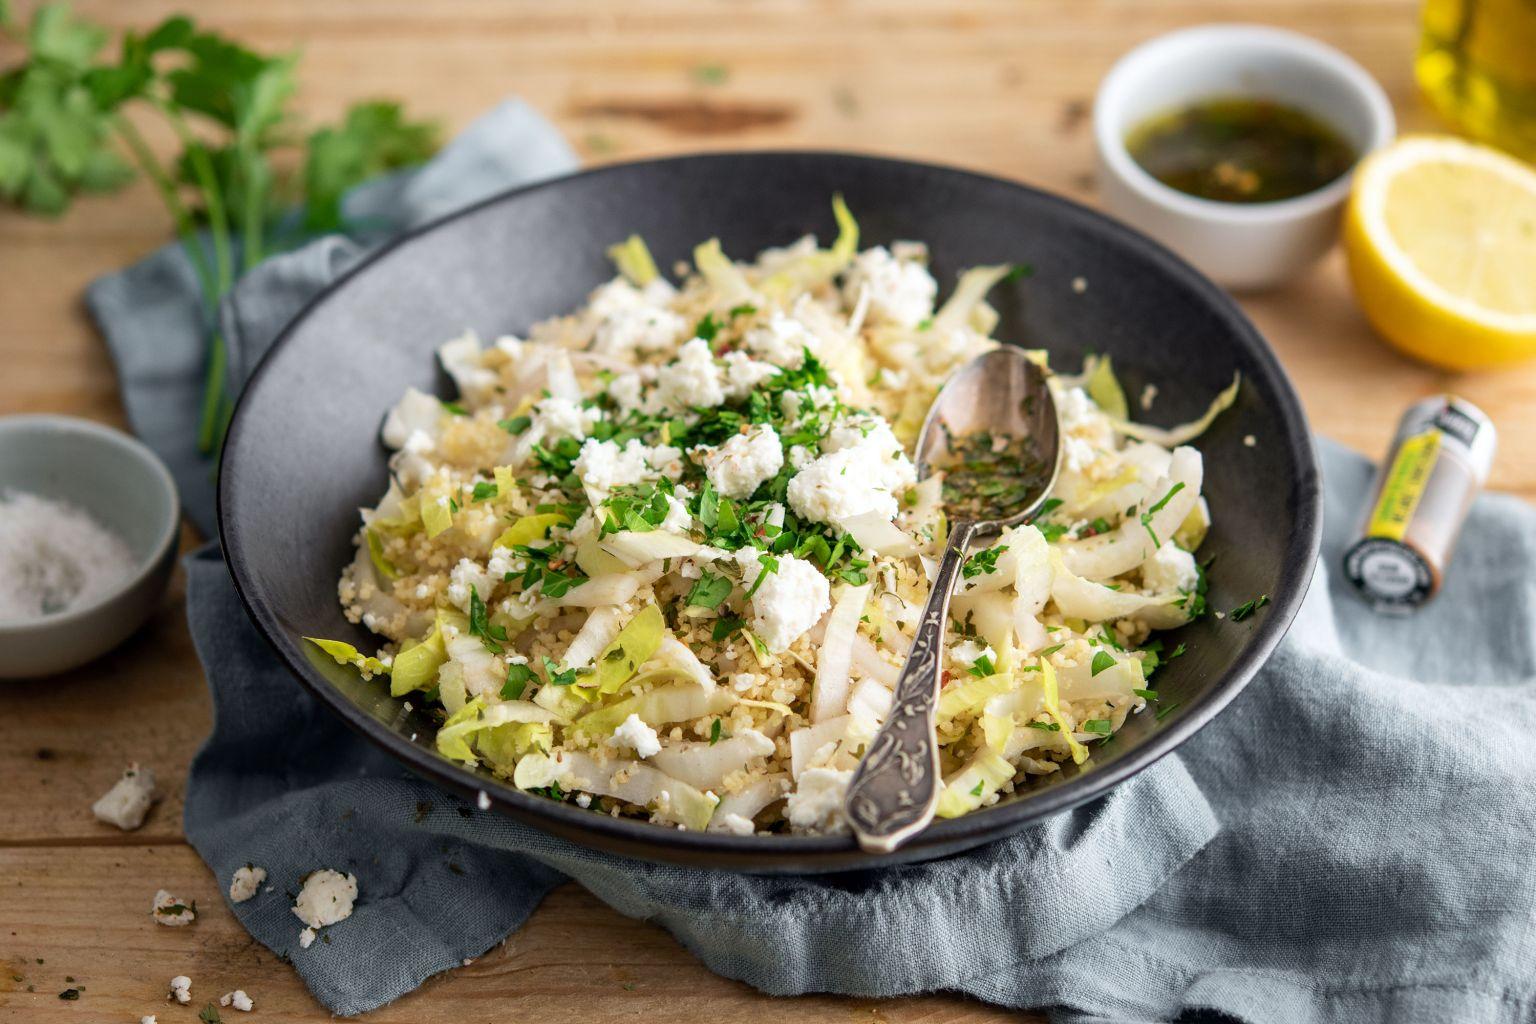 Salade aux endives, féta et chimichurri